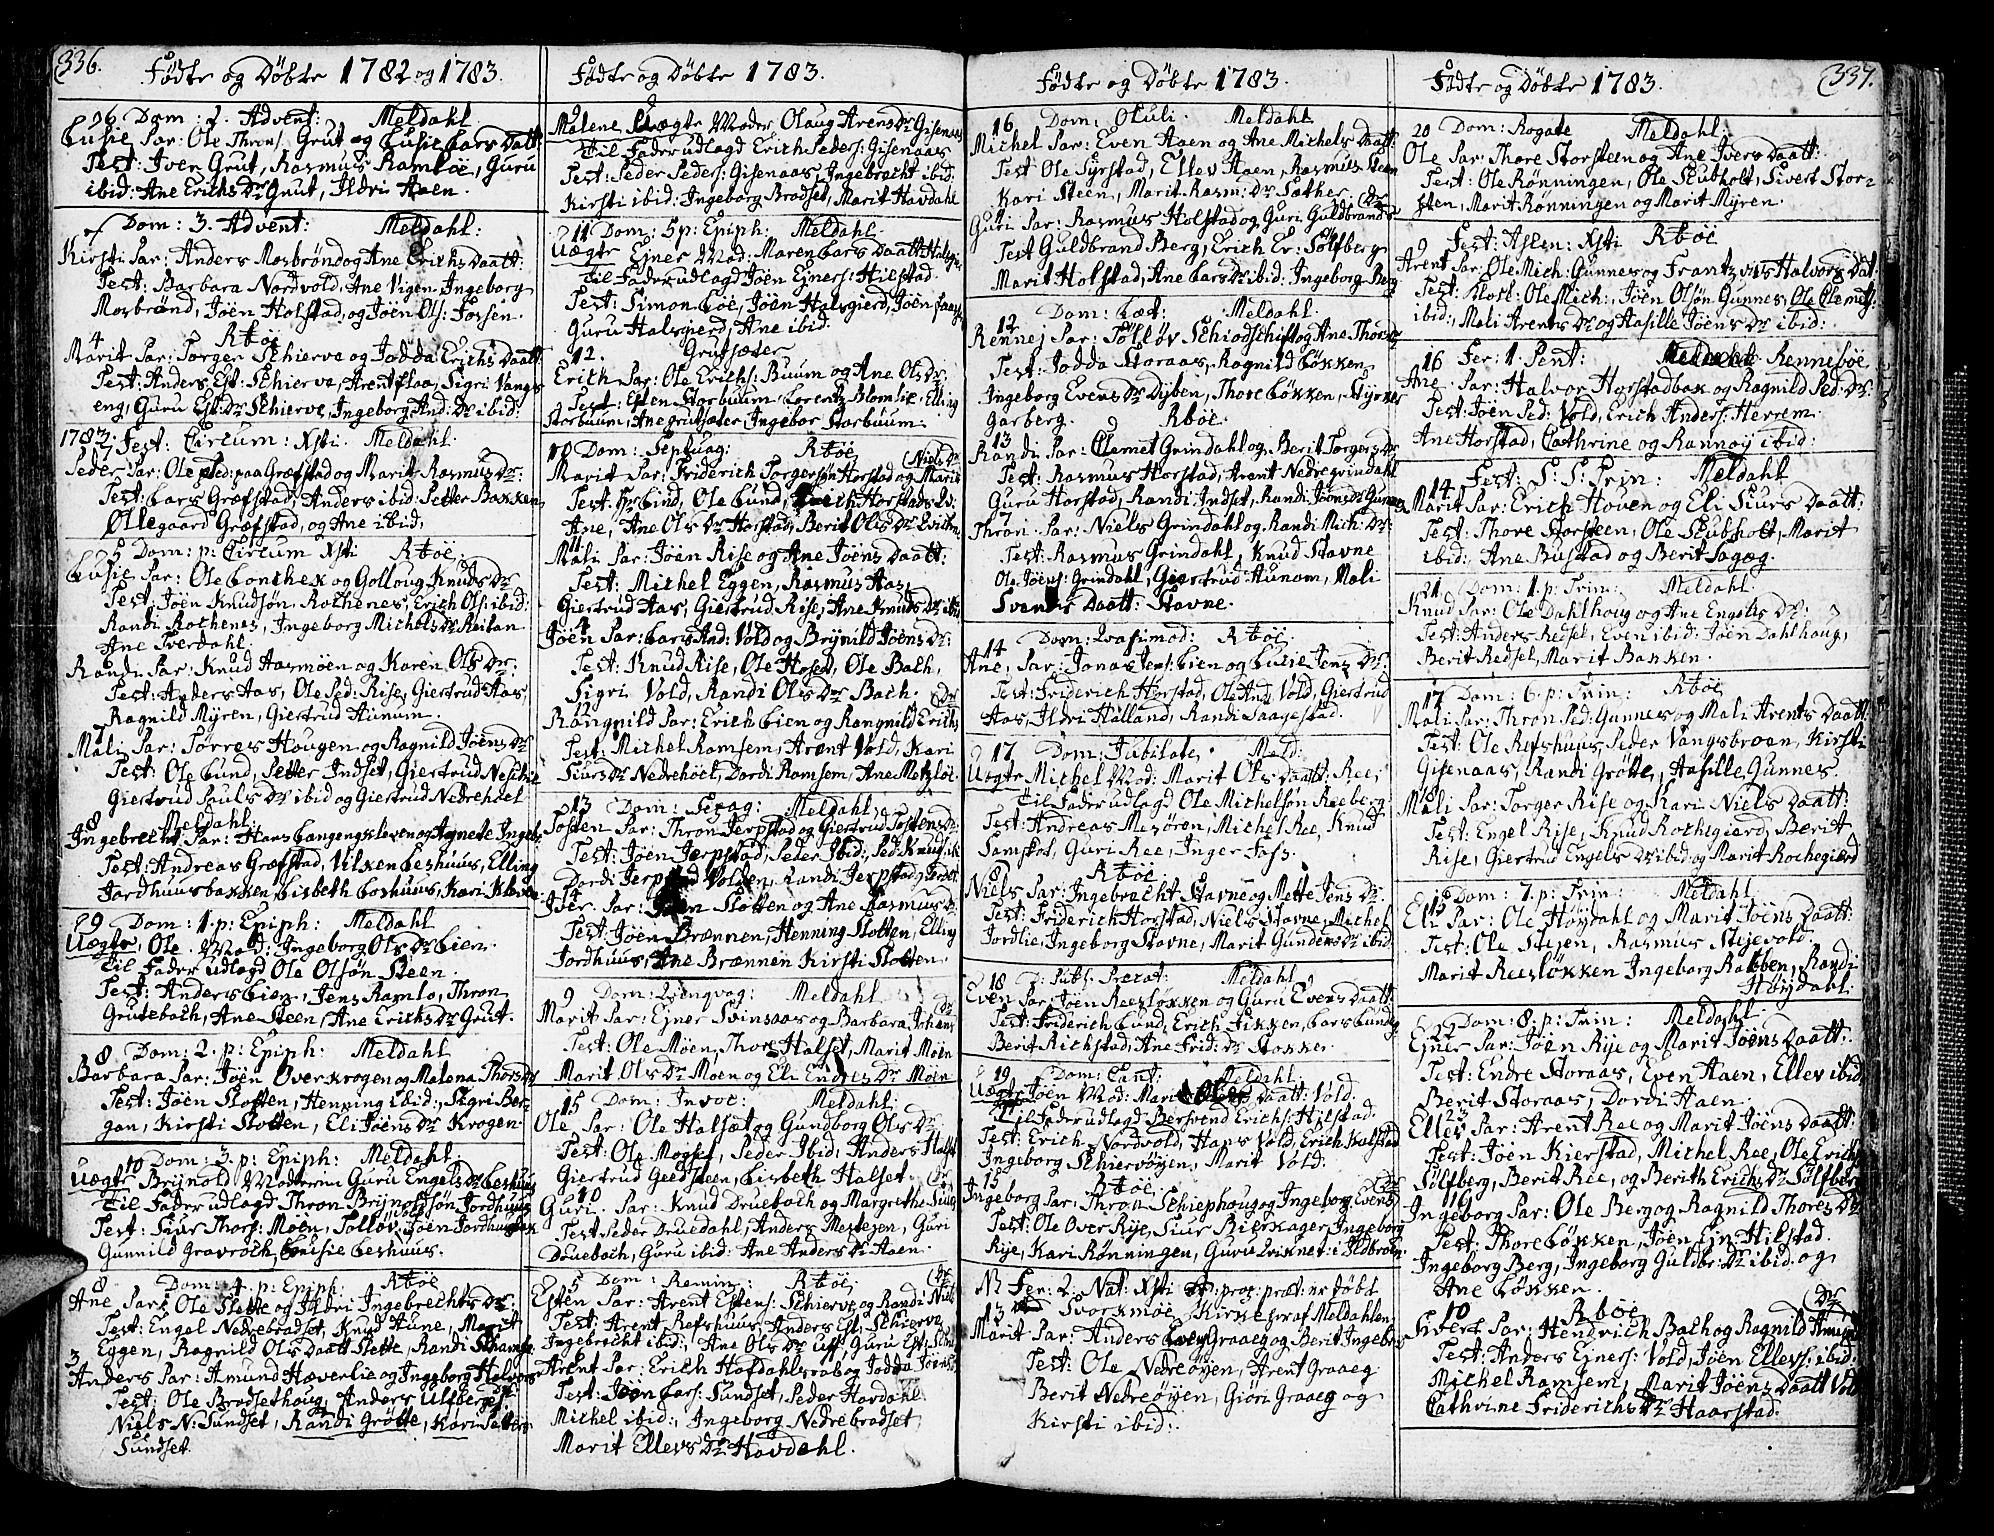 SAT, Ministerialprotokoller, klokkerbøker og fødselsregistre - Sør-Trøndelag, 672/L0852: Ministerialbok nr. 672A05, 1776-1815, s. 336-337